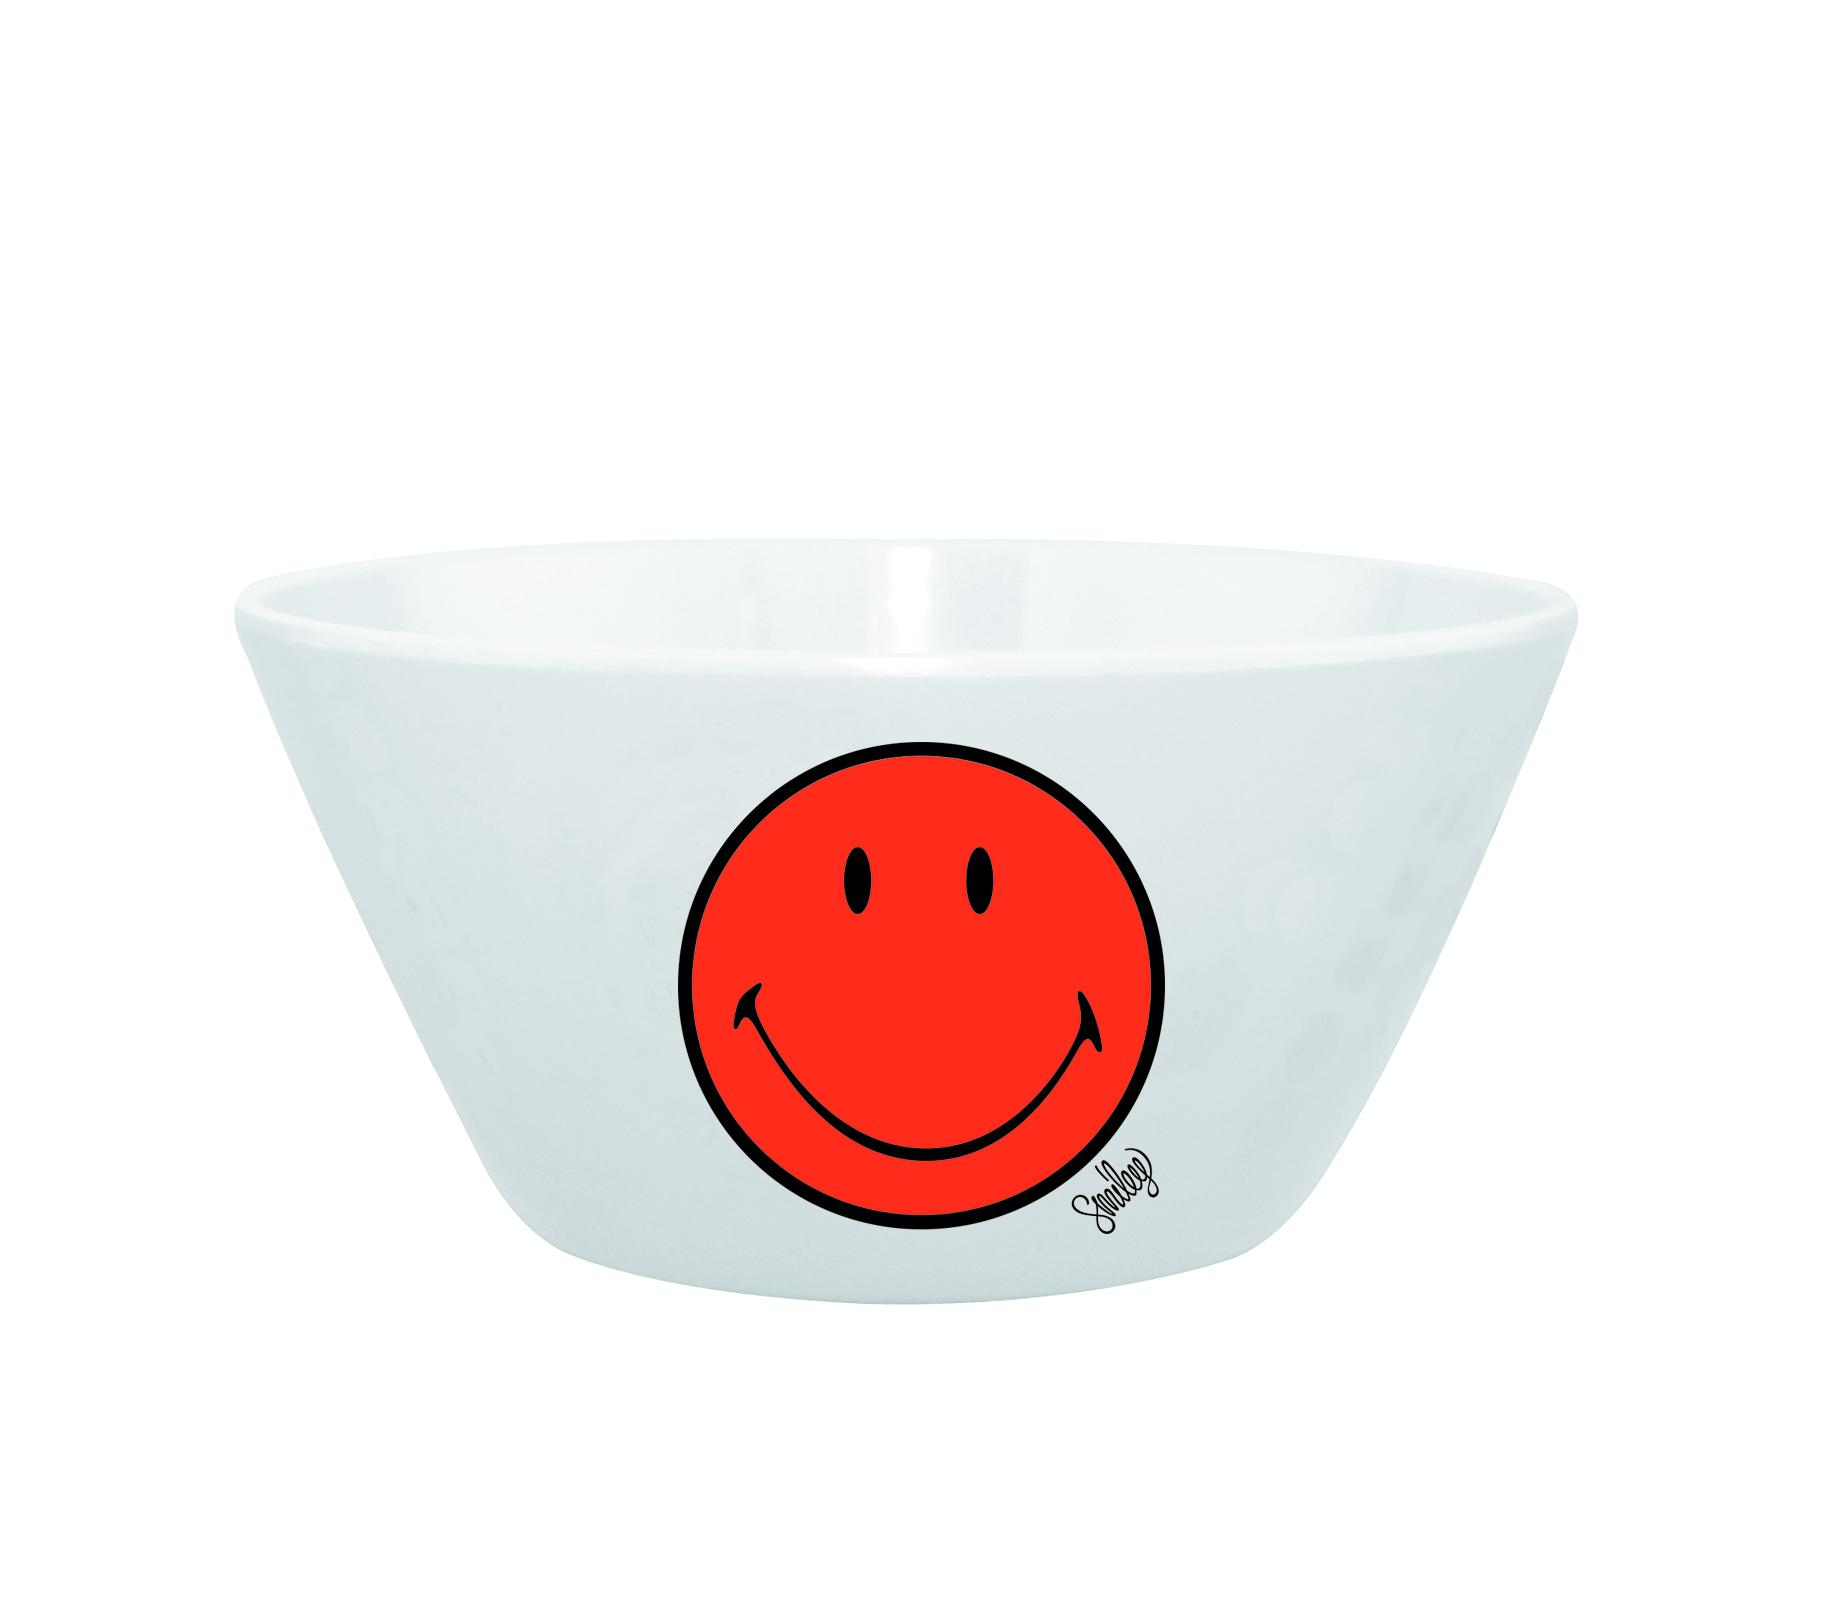 Mini Bol pentru cereale Smiley Portocaliu/Alb, Ø15 cm imagine